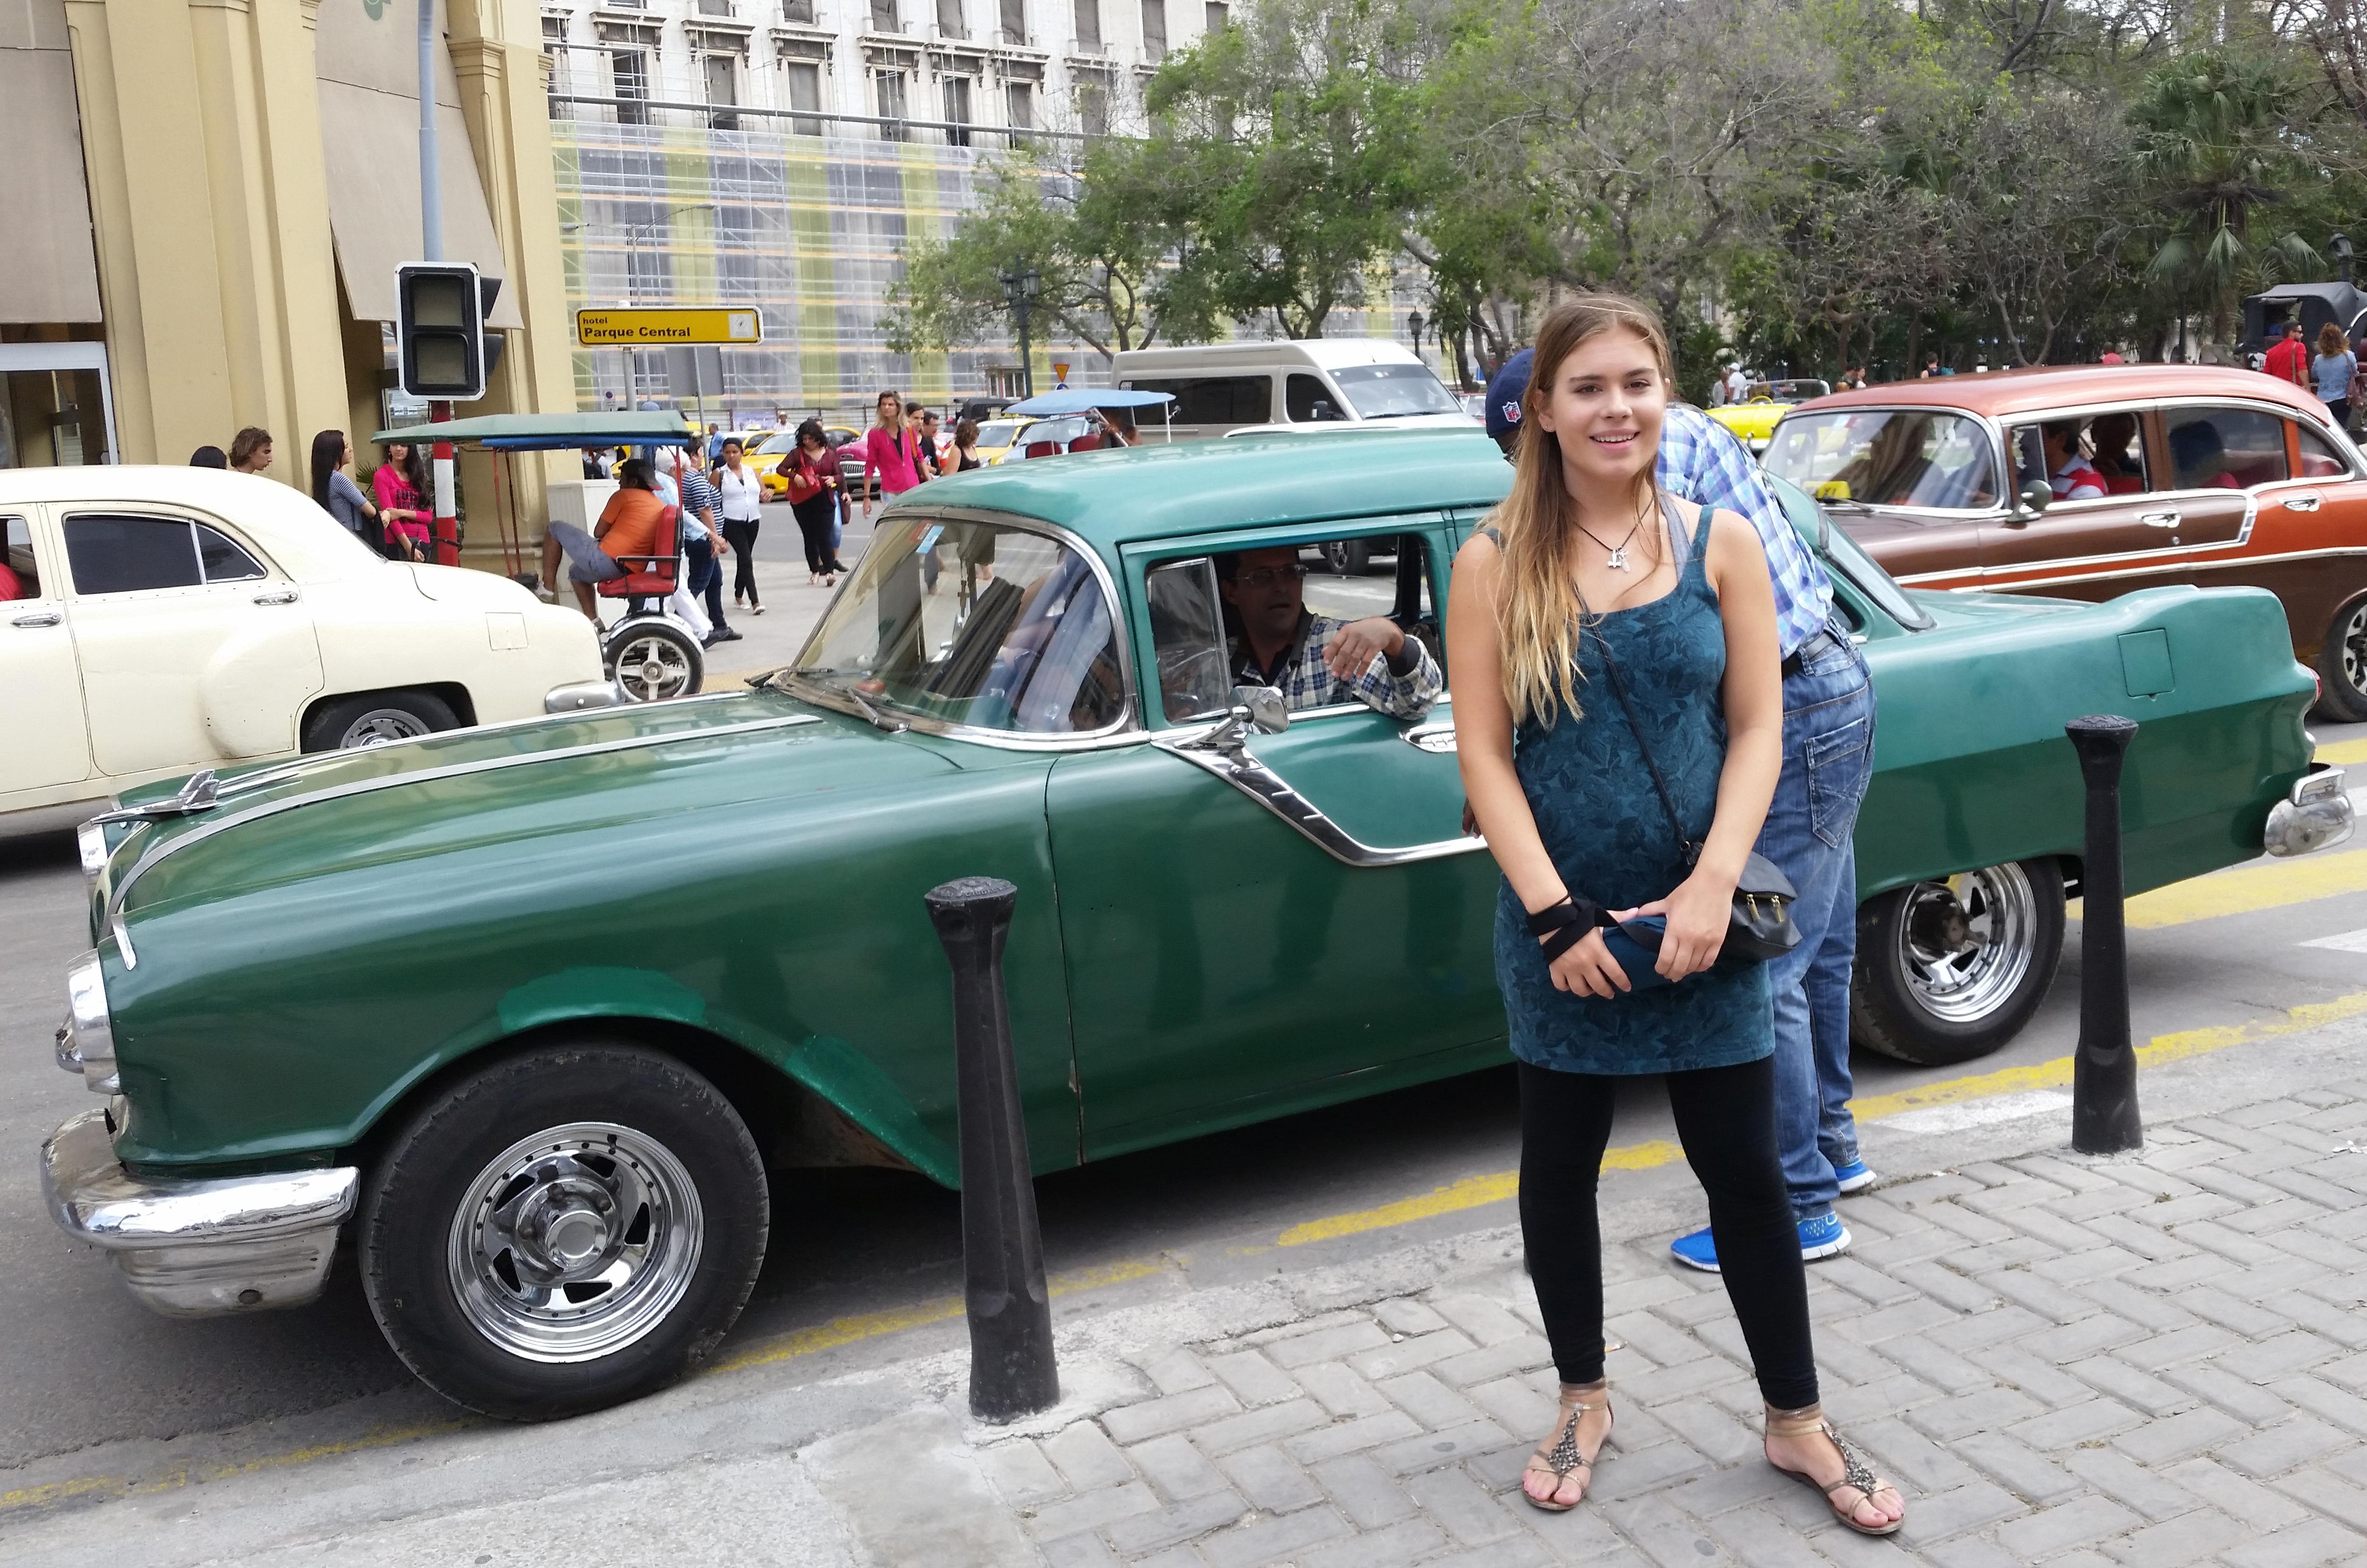 Eva Ringquist (Cuban Contrats)